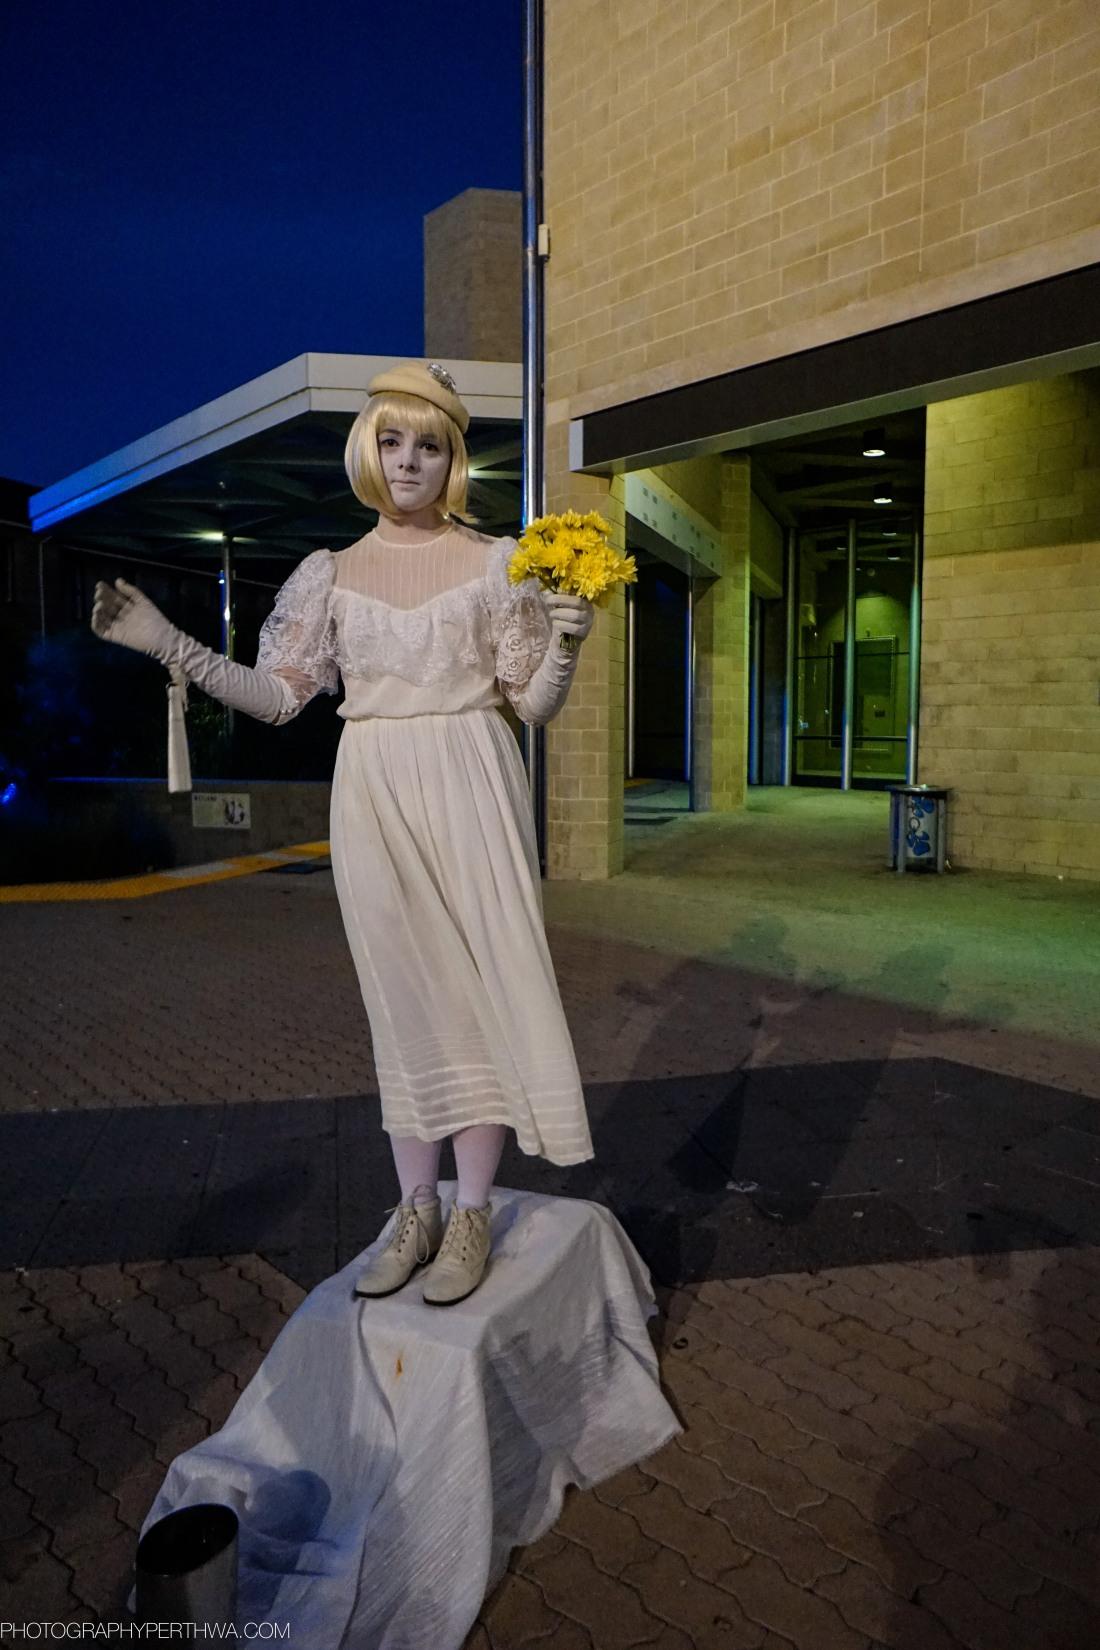 living statue, Perth Fringe Festival